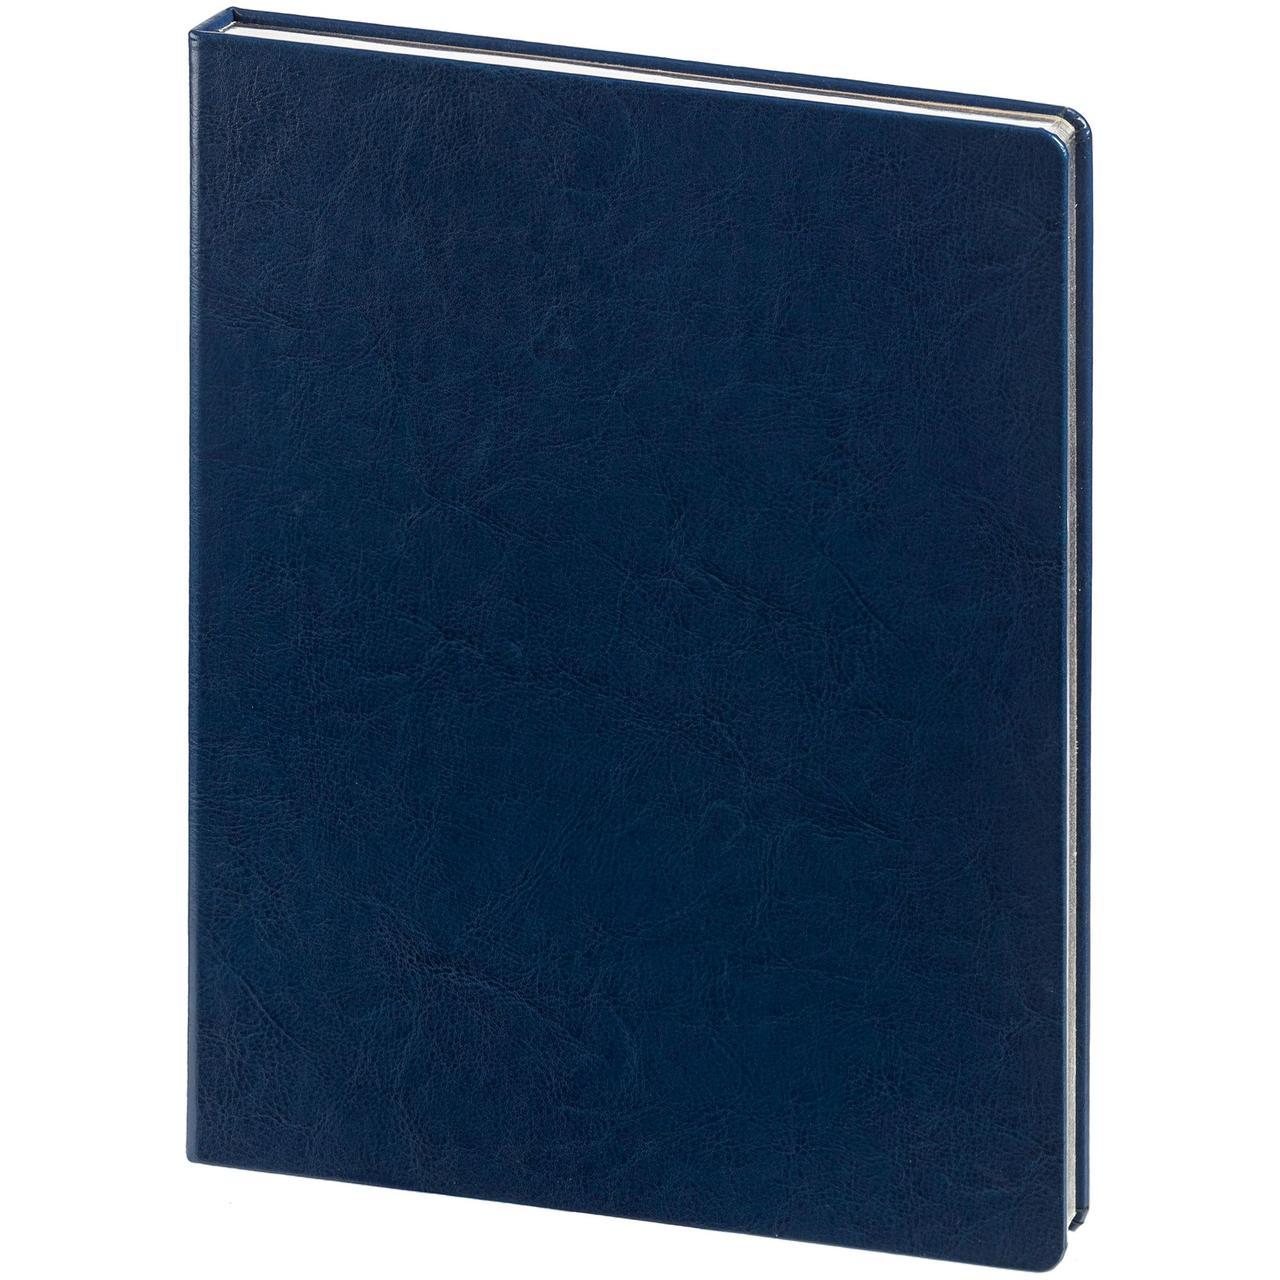 Ежедневник Grand Nebraska, недатированный, синий (артикул 16021.40)